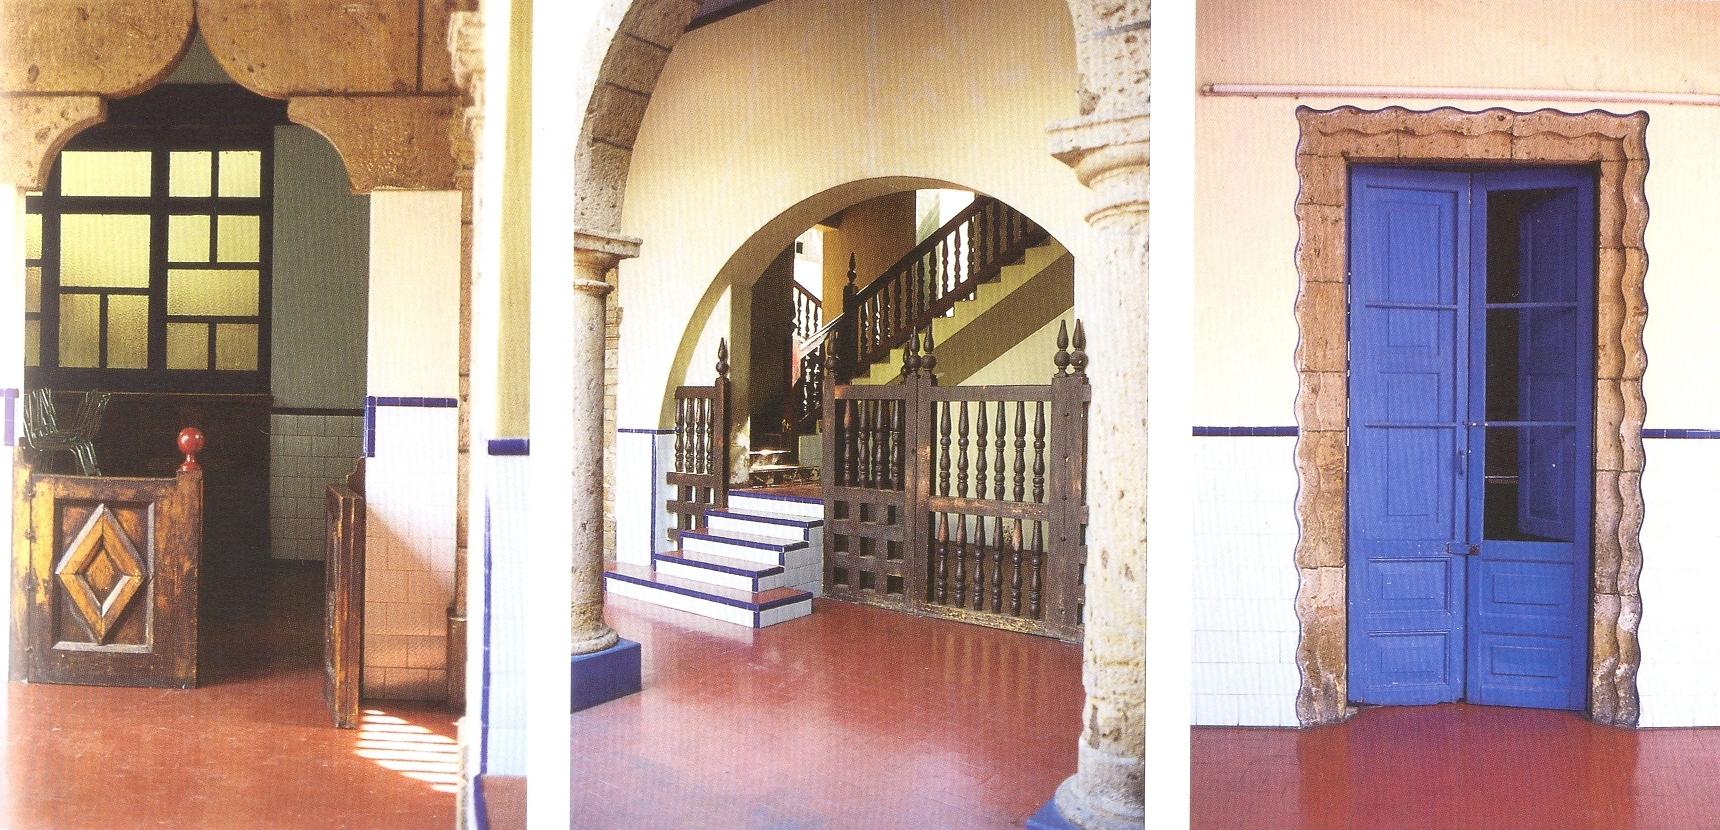 La obra de Luis Barragn 19021988 Arquitecto de la luz y el color  Pedro da Cruz